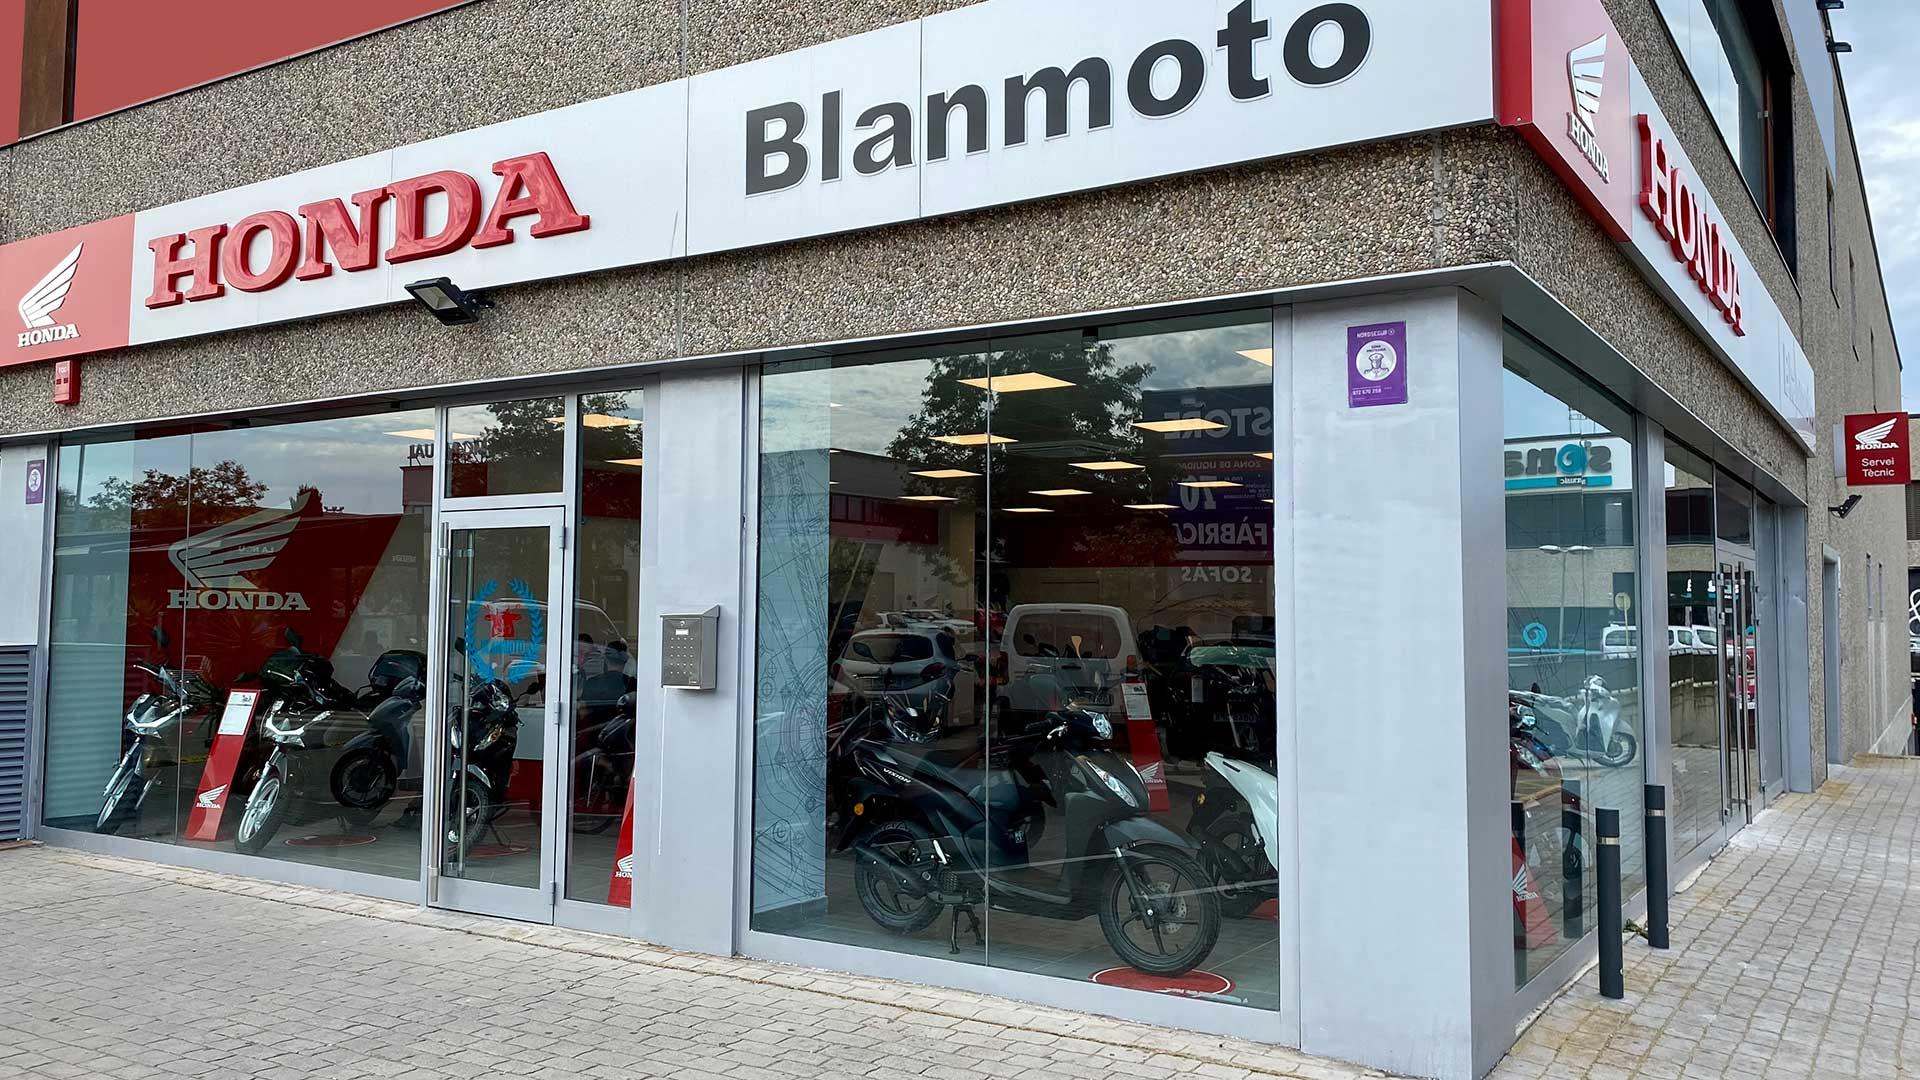 Blanmoto abre un nuevo concesionario oficial Honda en Blanes